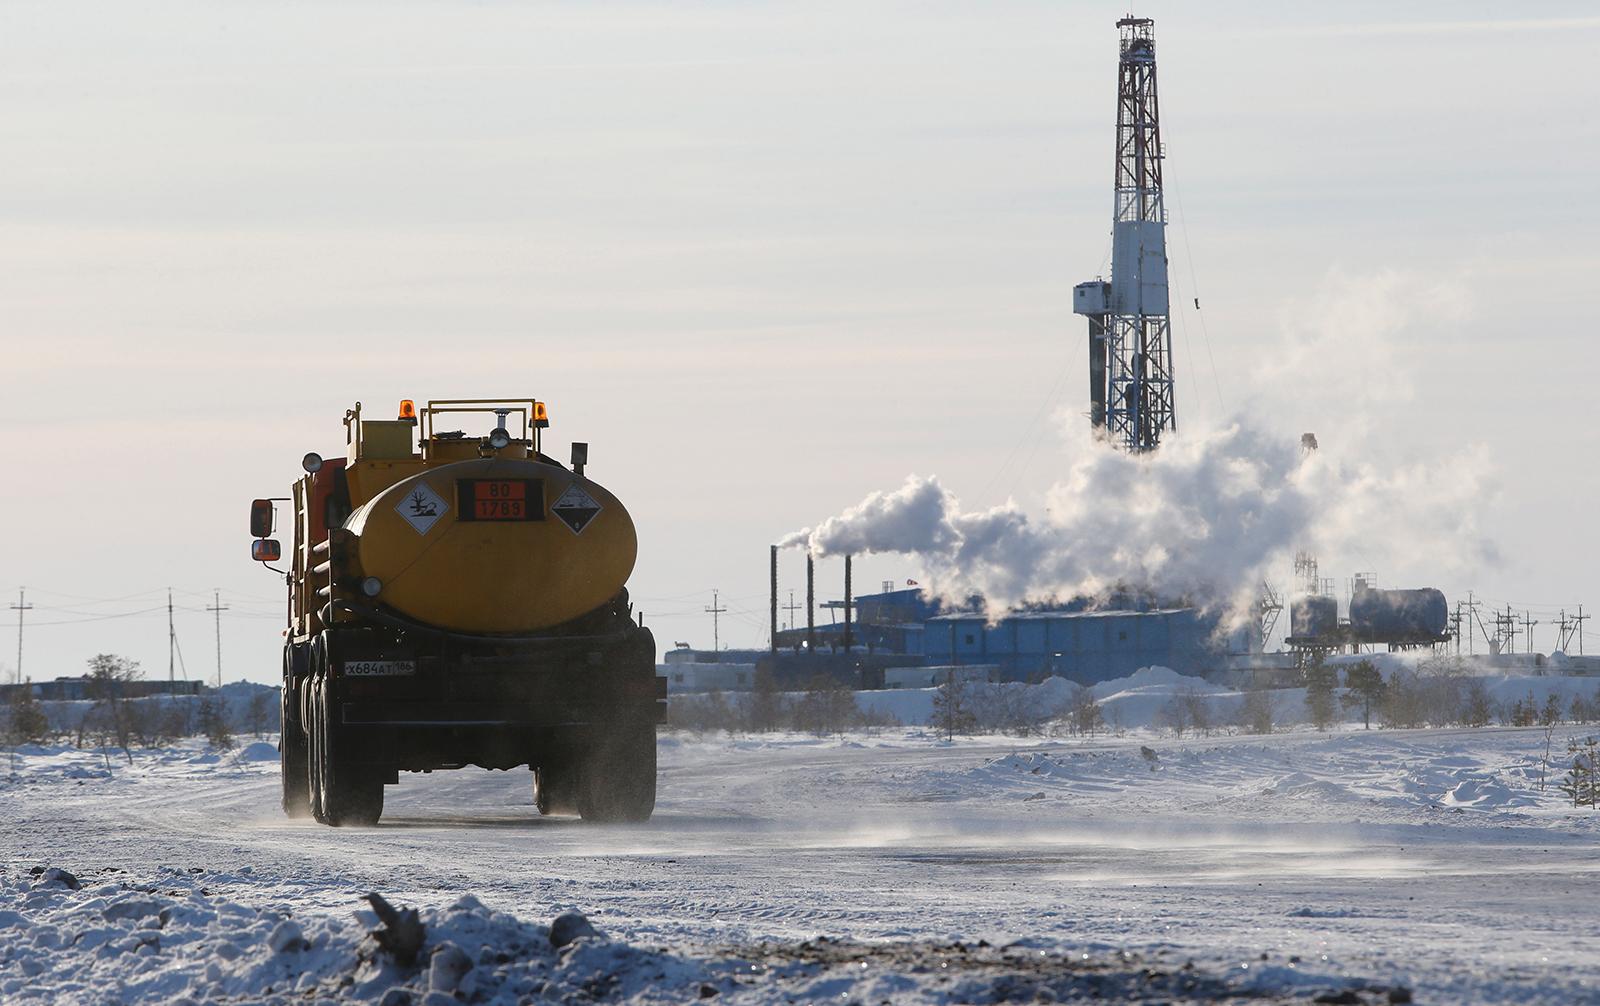 Нефть под санкциями: как Россия лишается будущего